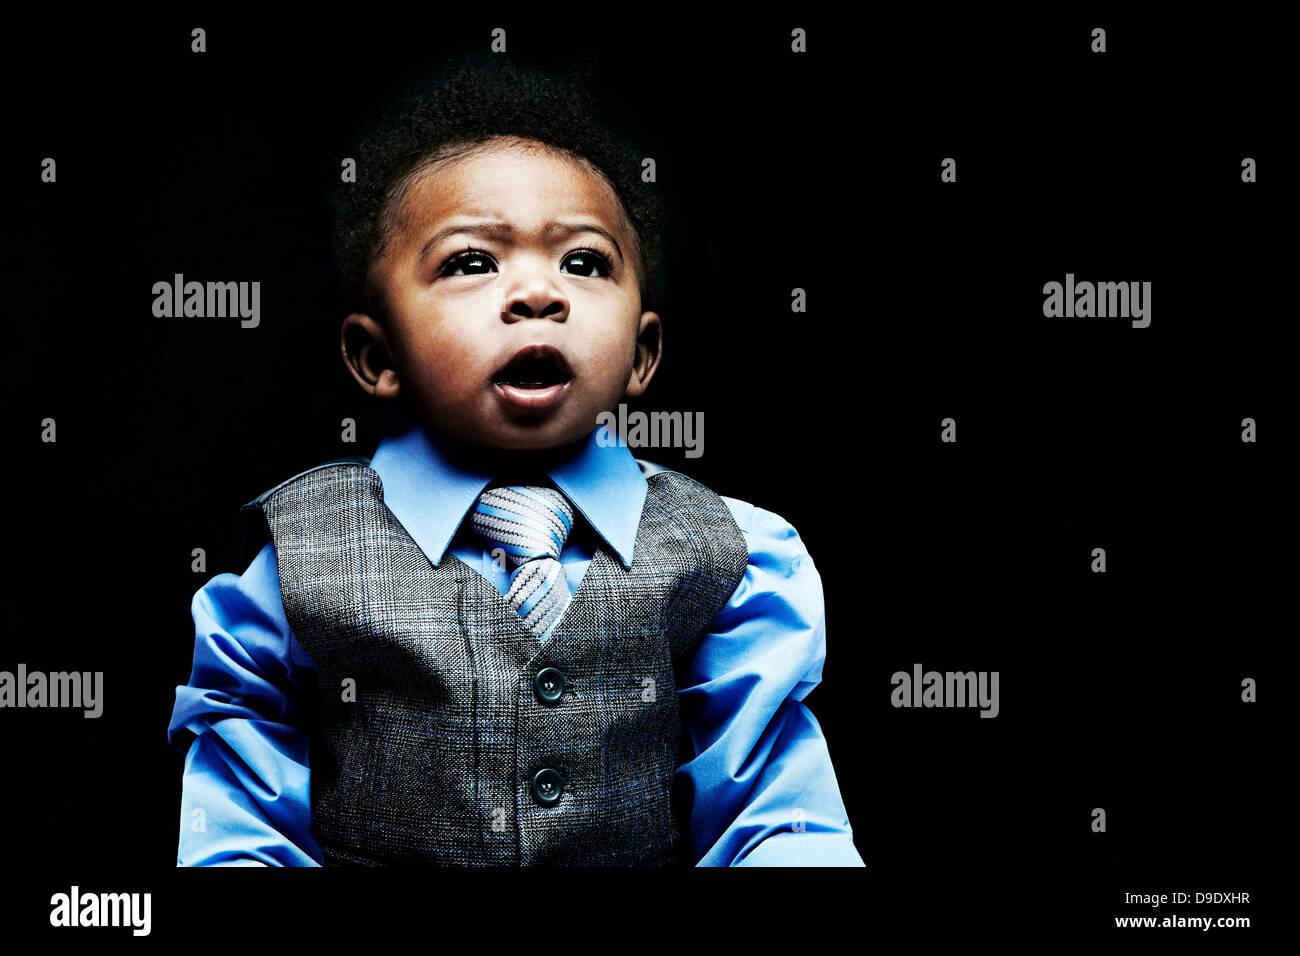 Ritratto di baby boy indossando gilet, camicia e cravatta Immagini Stock